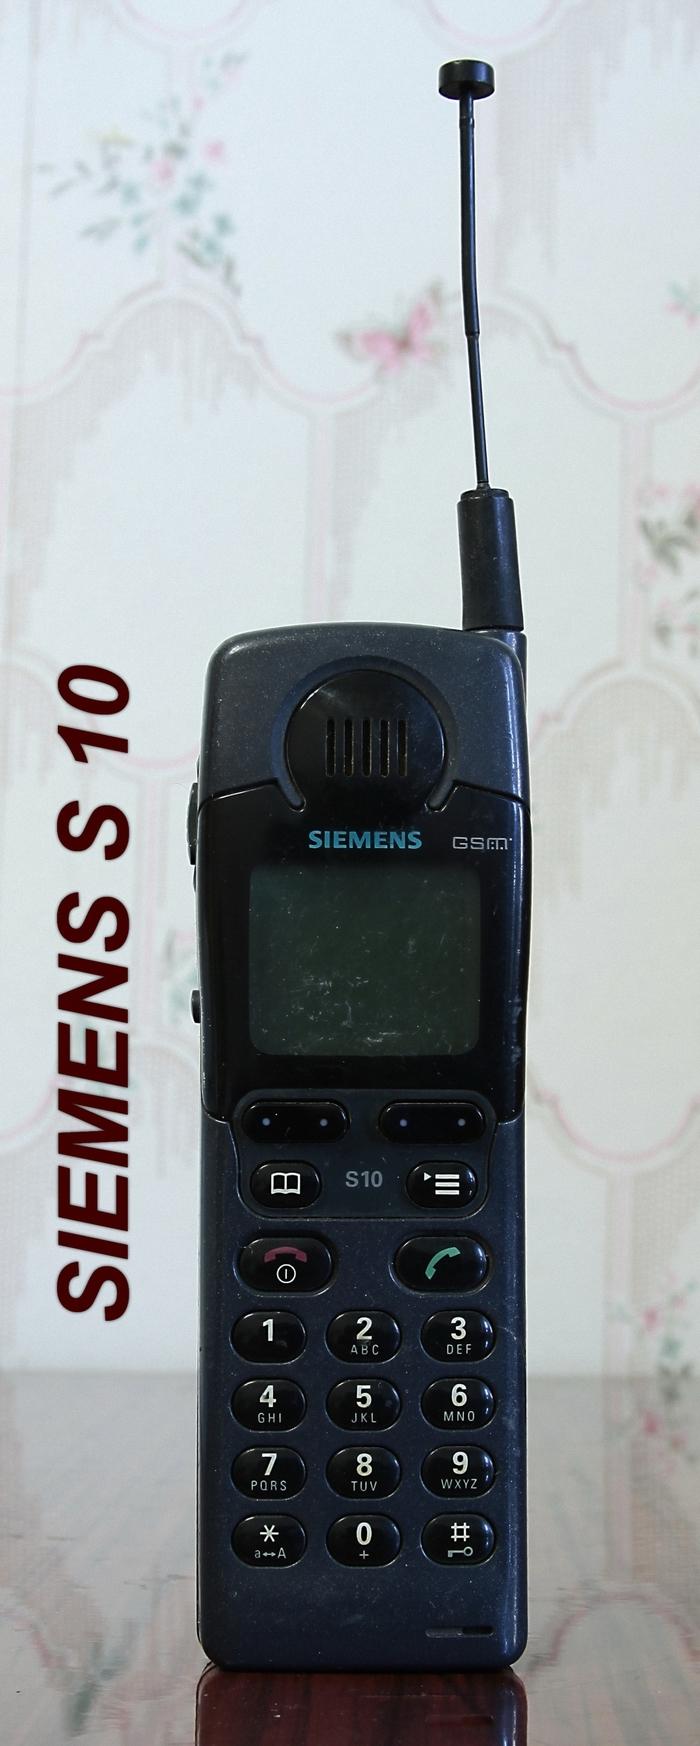 Коллекция сотовых Мобильные телефоны, Коллекция, Длиннопост, Ностальгия, Телефон